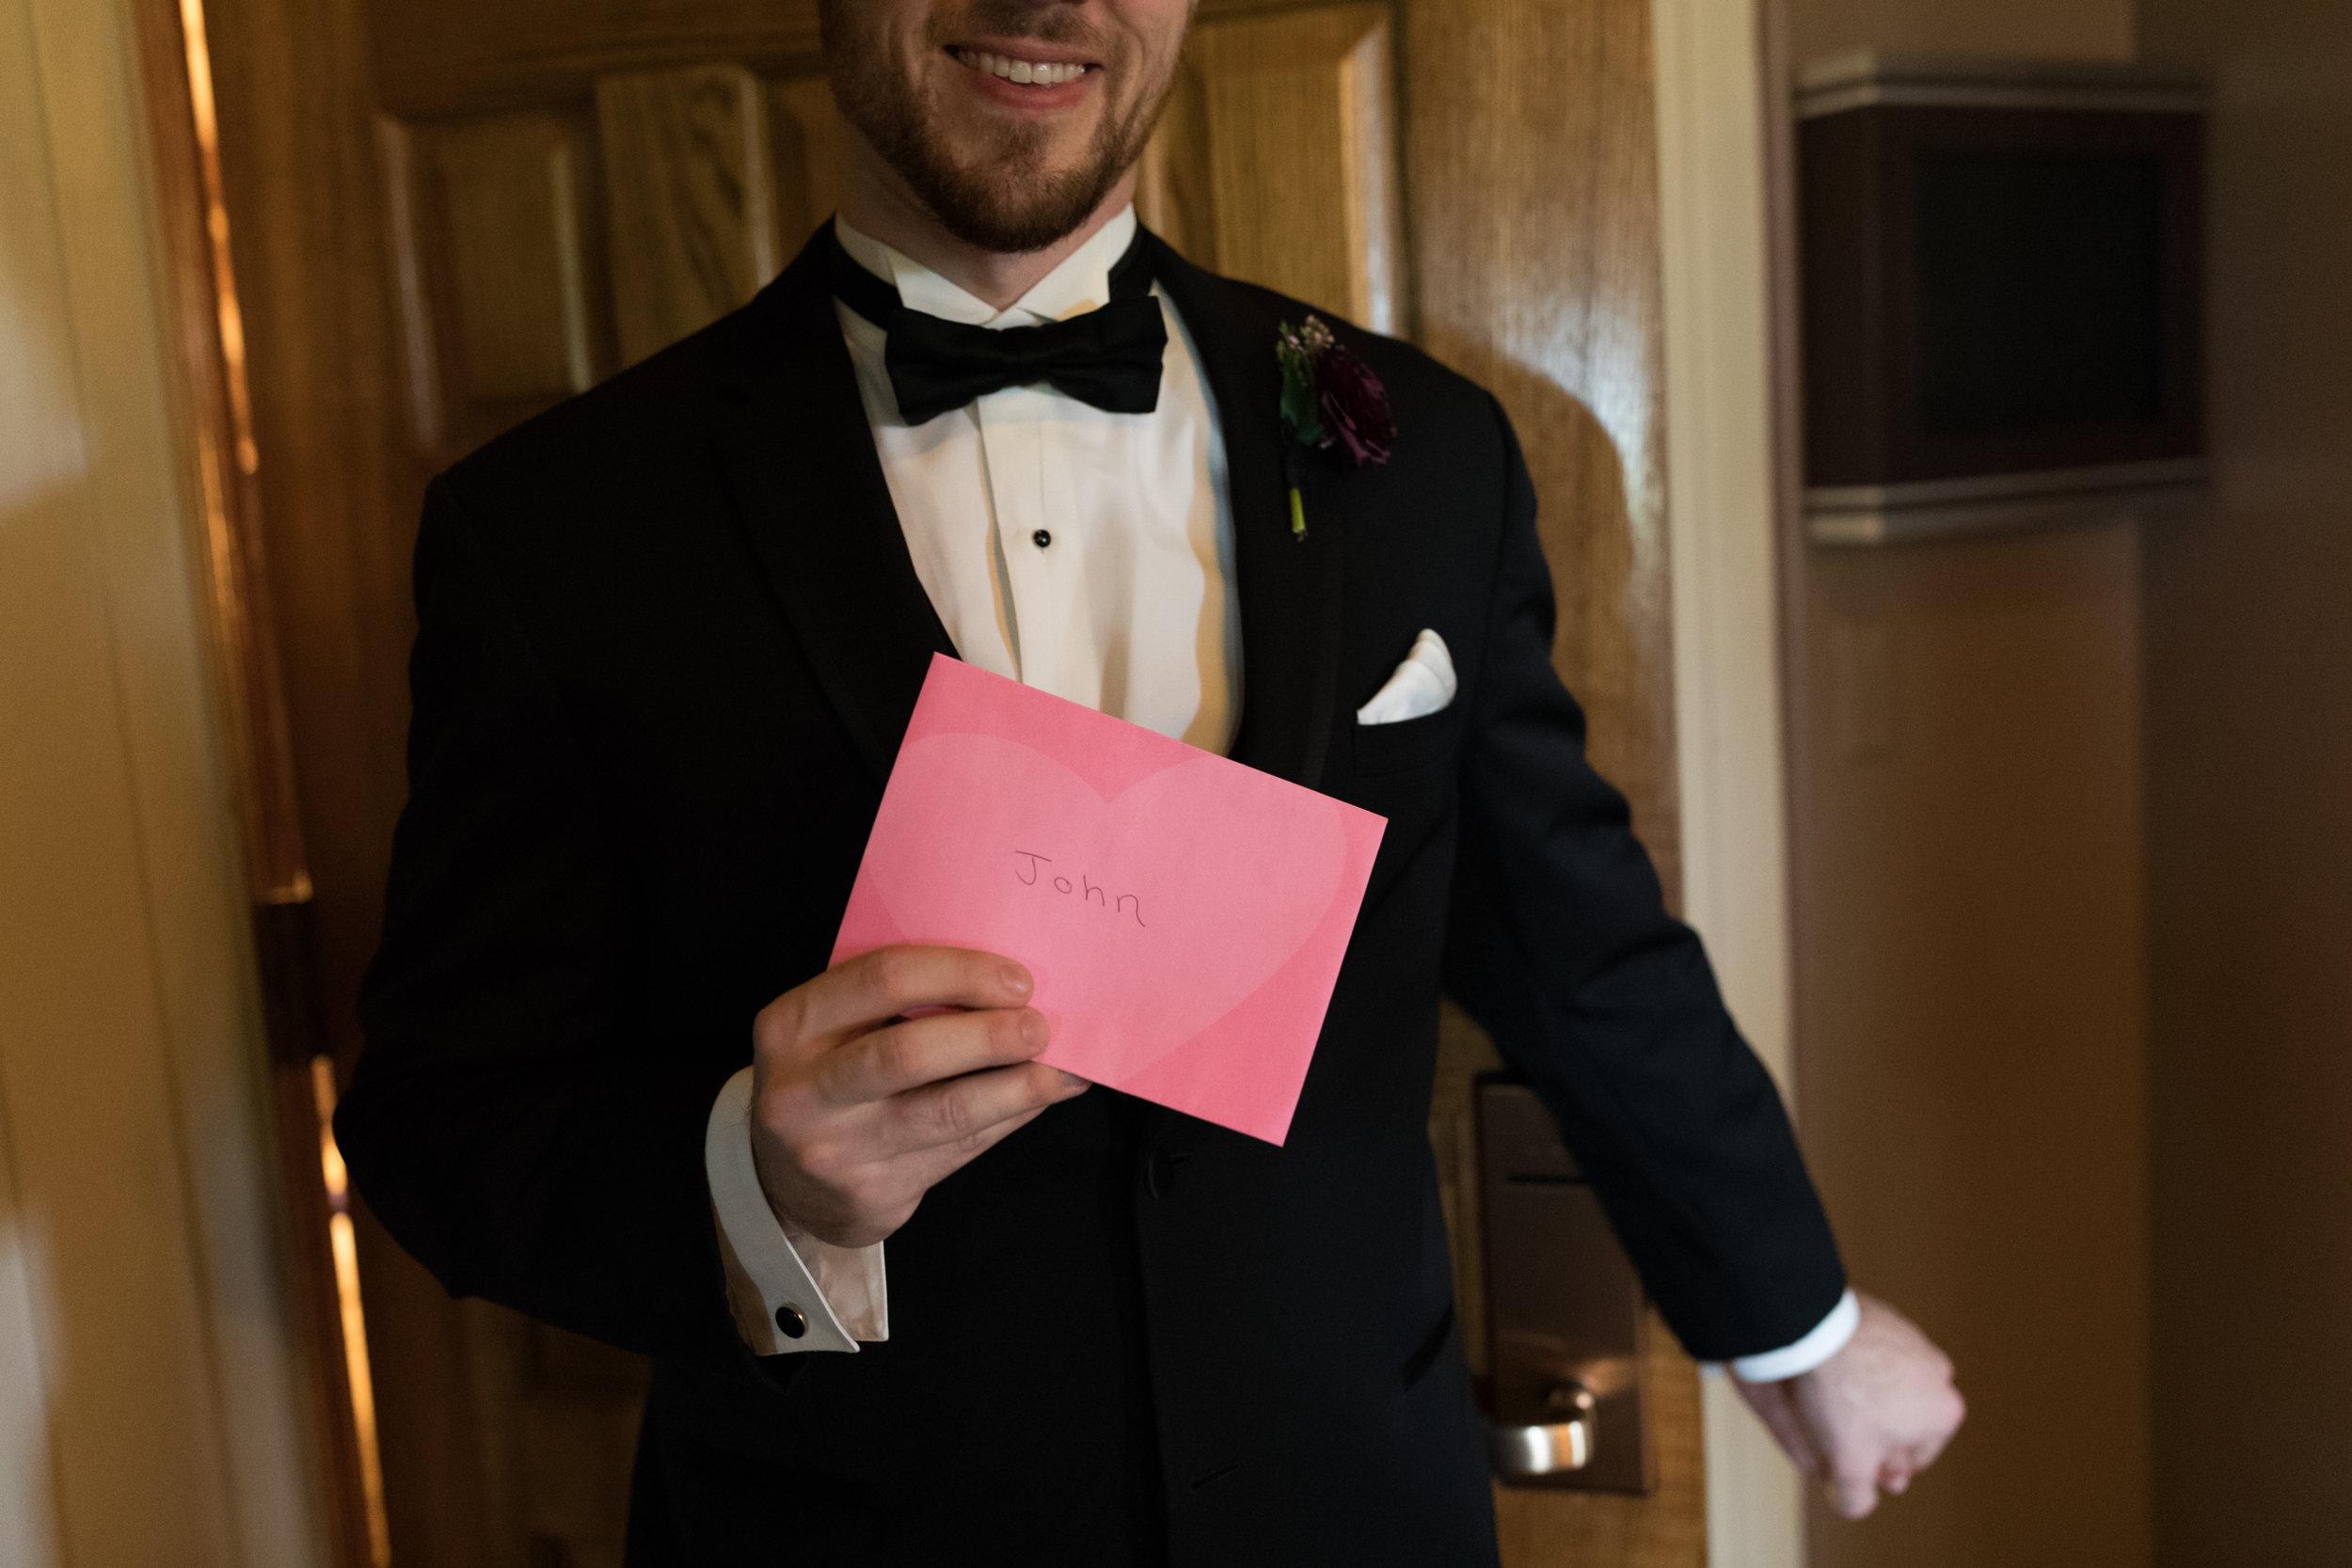 shareyah_John_detroit_wedding_preview_014.JPG